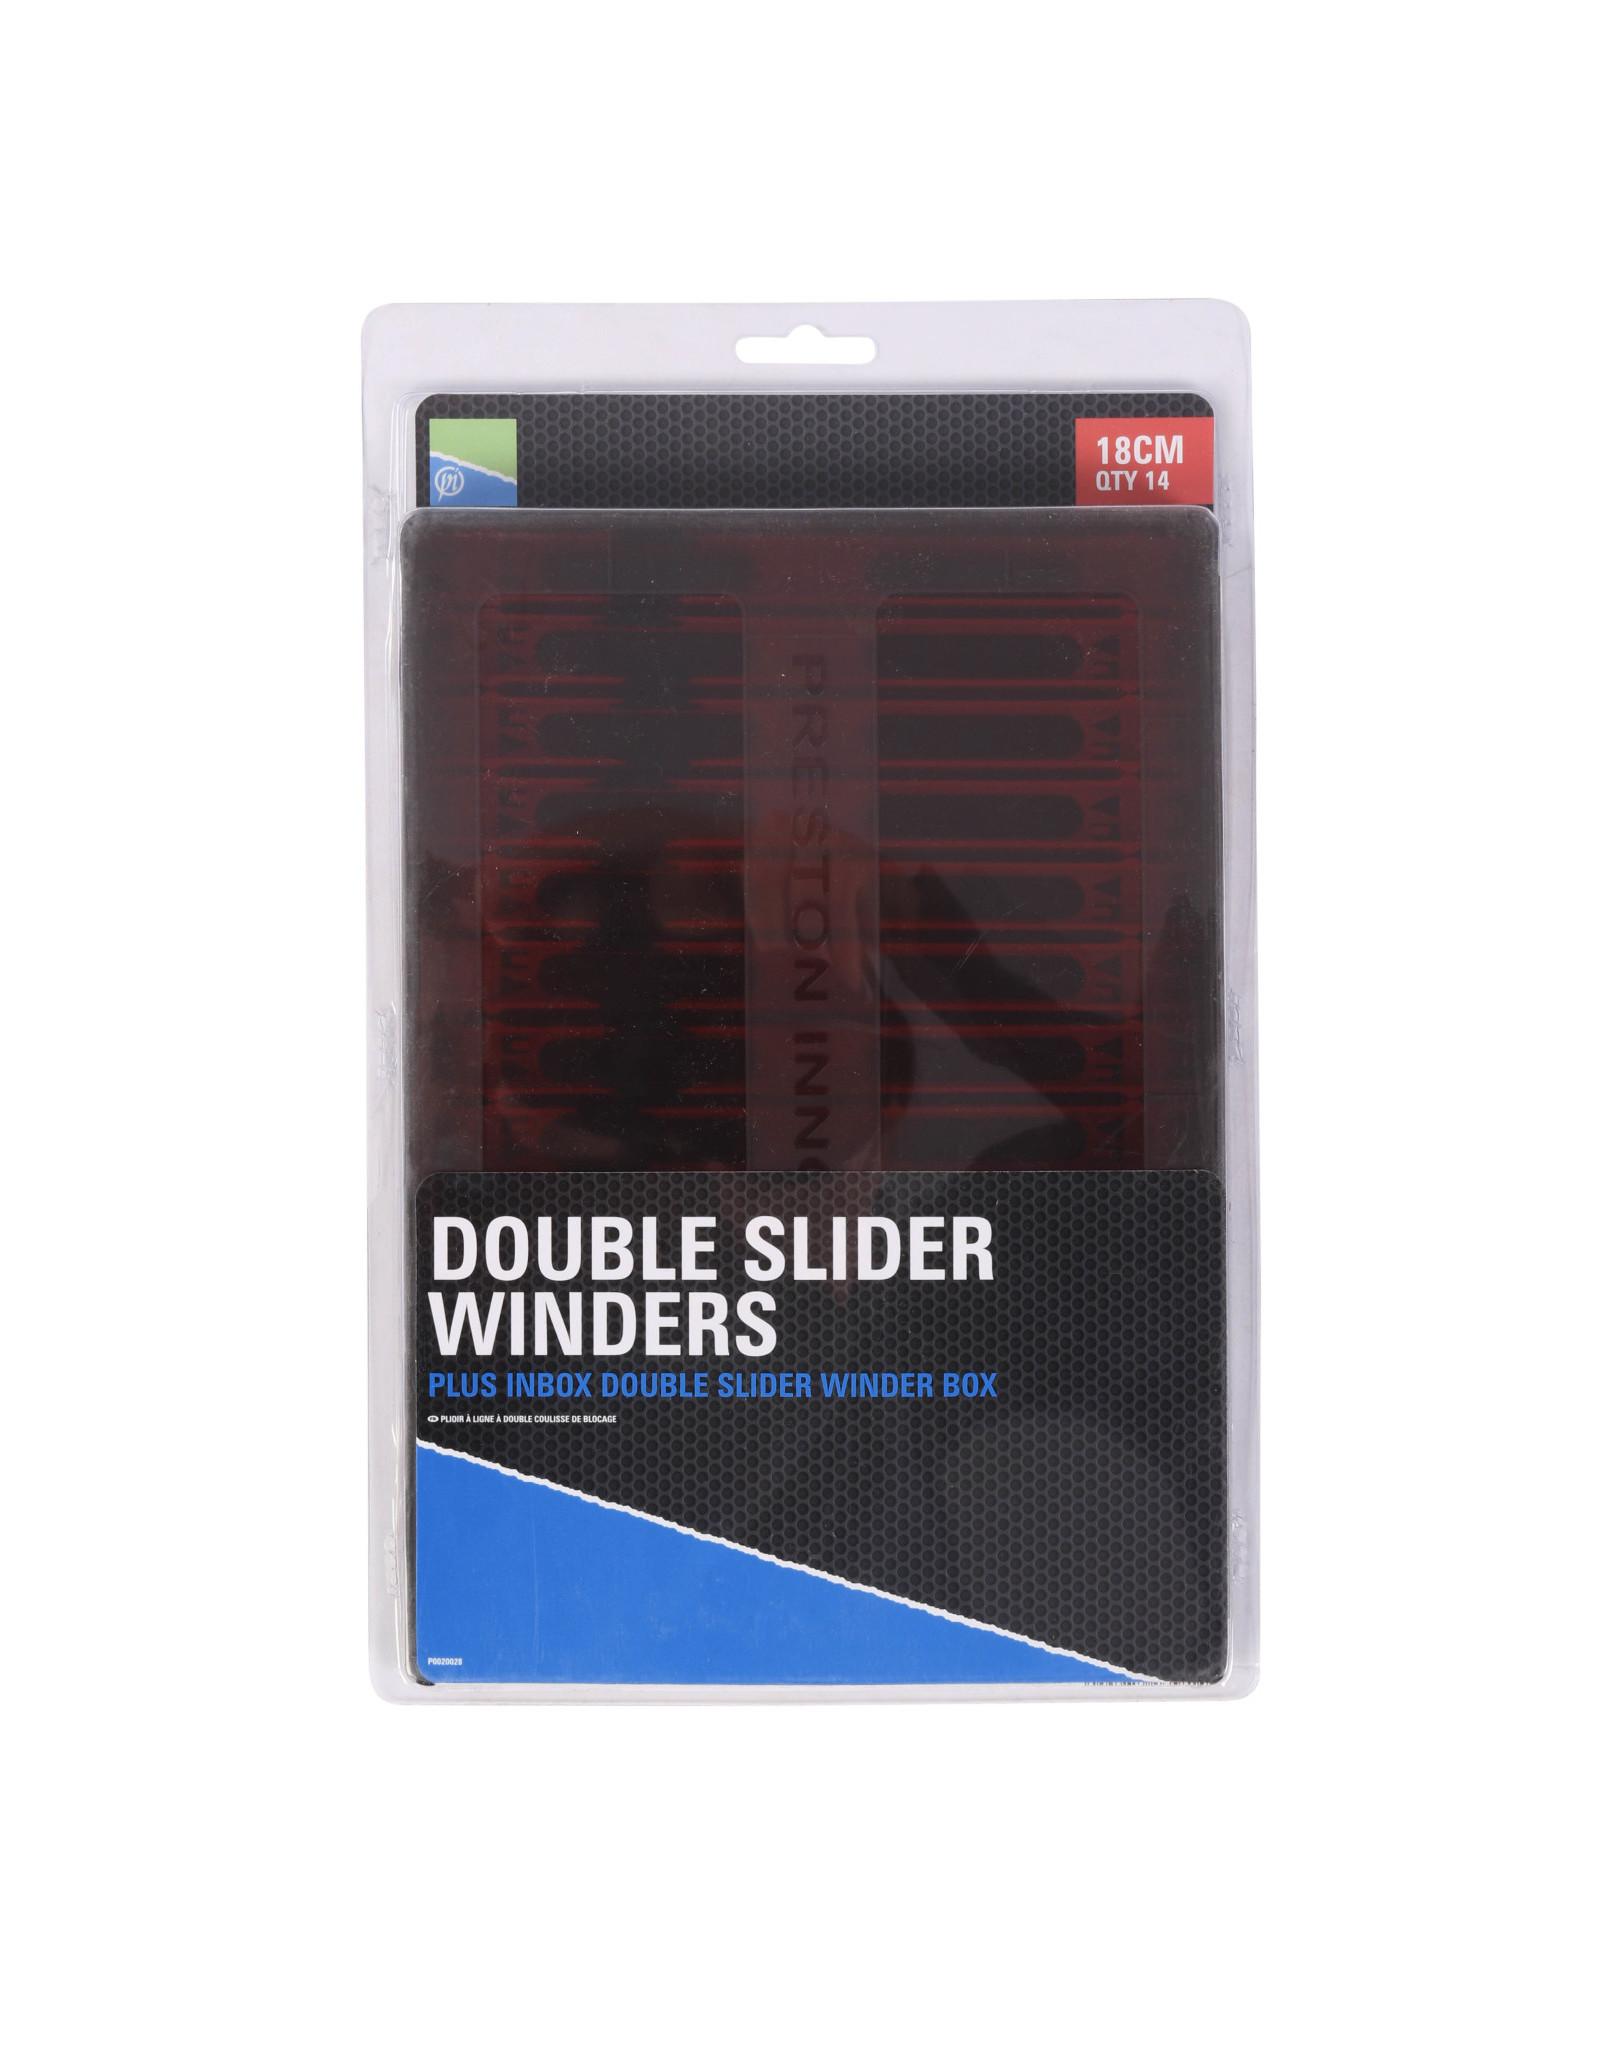 PRESTON DOUBLE SLIDER WINDERS 18cm IN A BOX